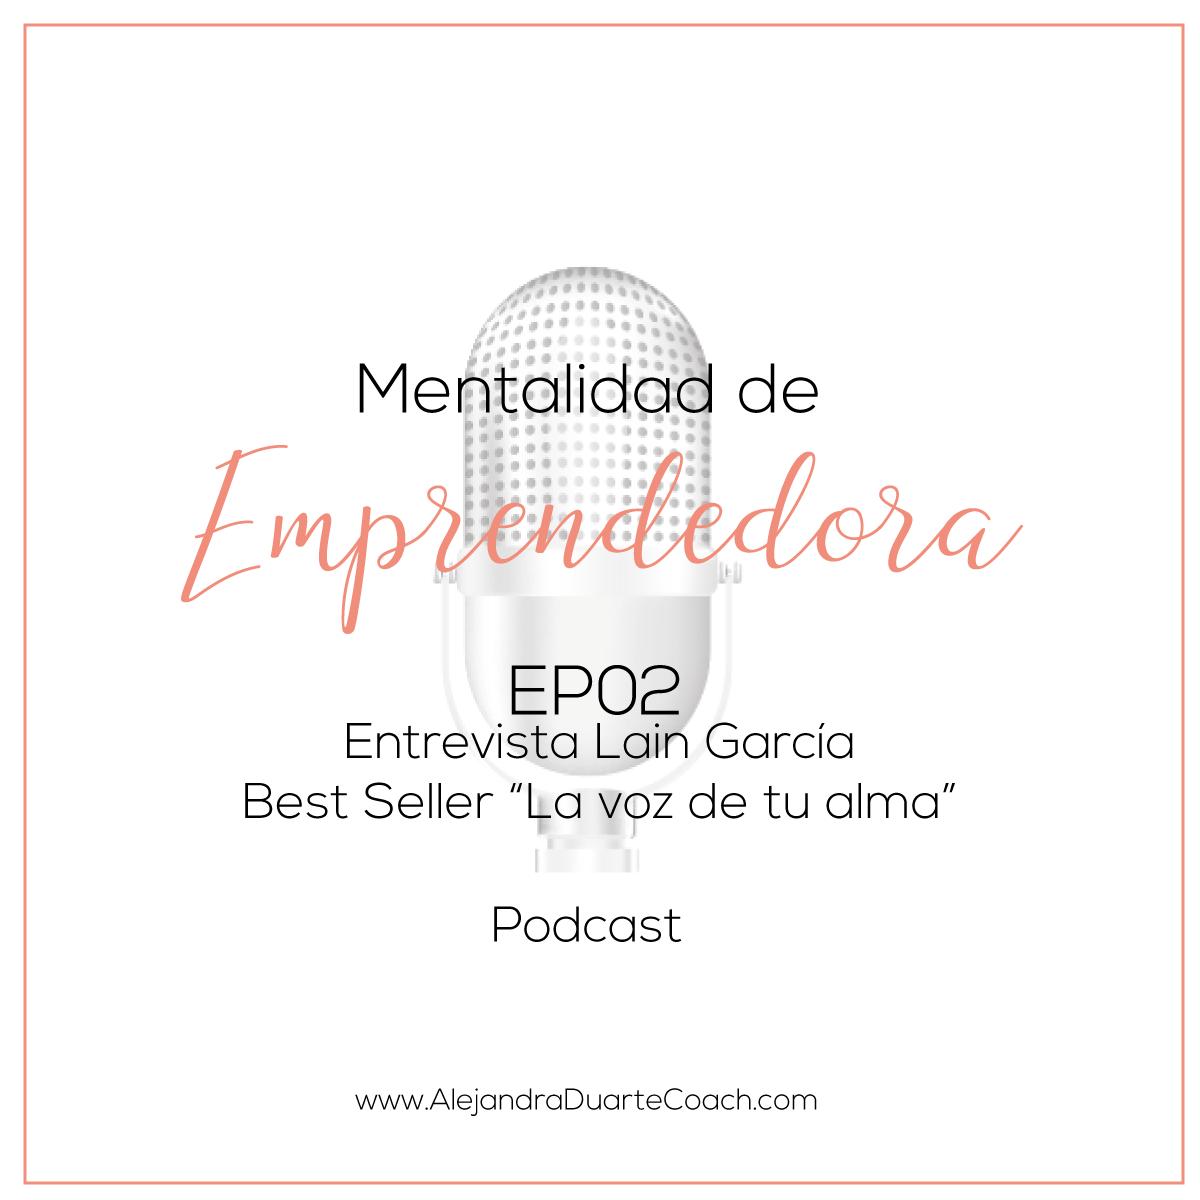 Mentalidad-de-emprendedora-EP2-Lain-García-Calvo-La-Voz-De-Tu-Alma